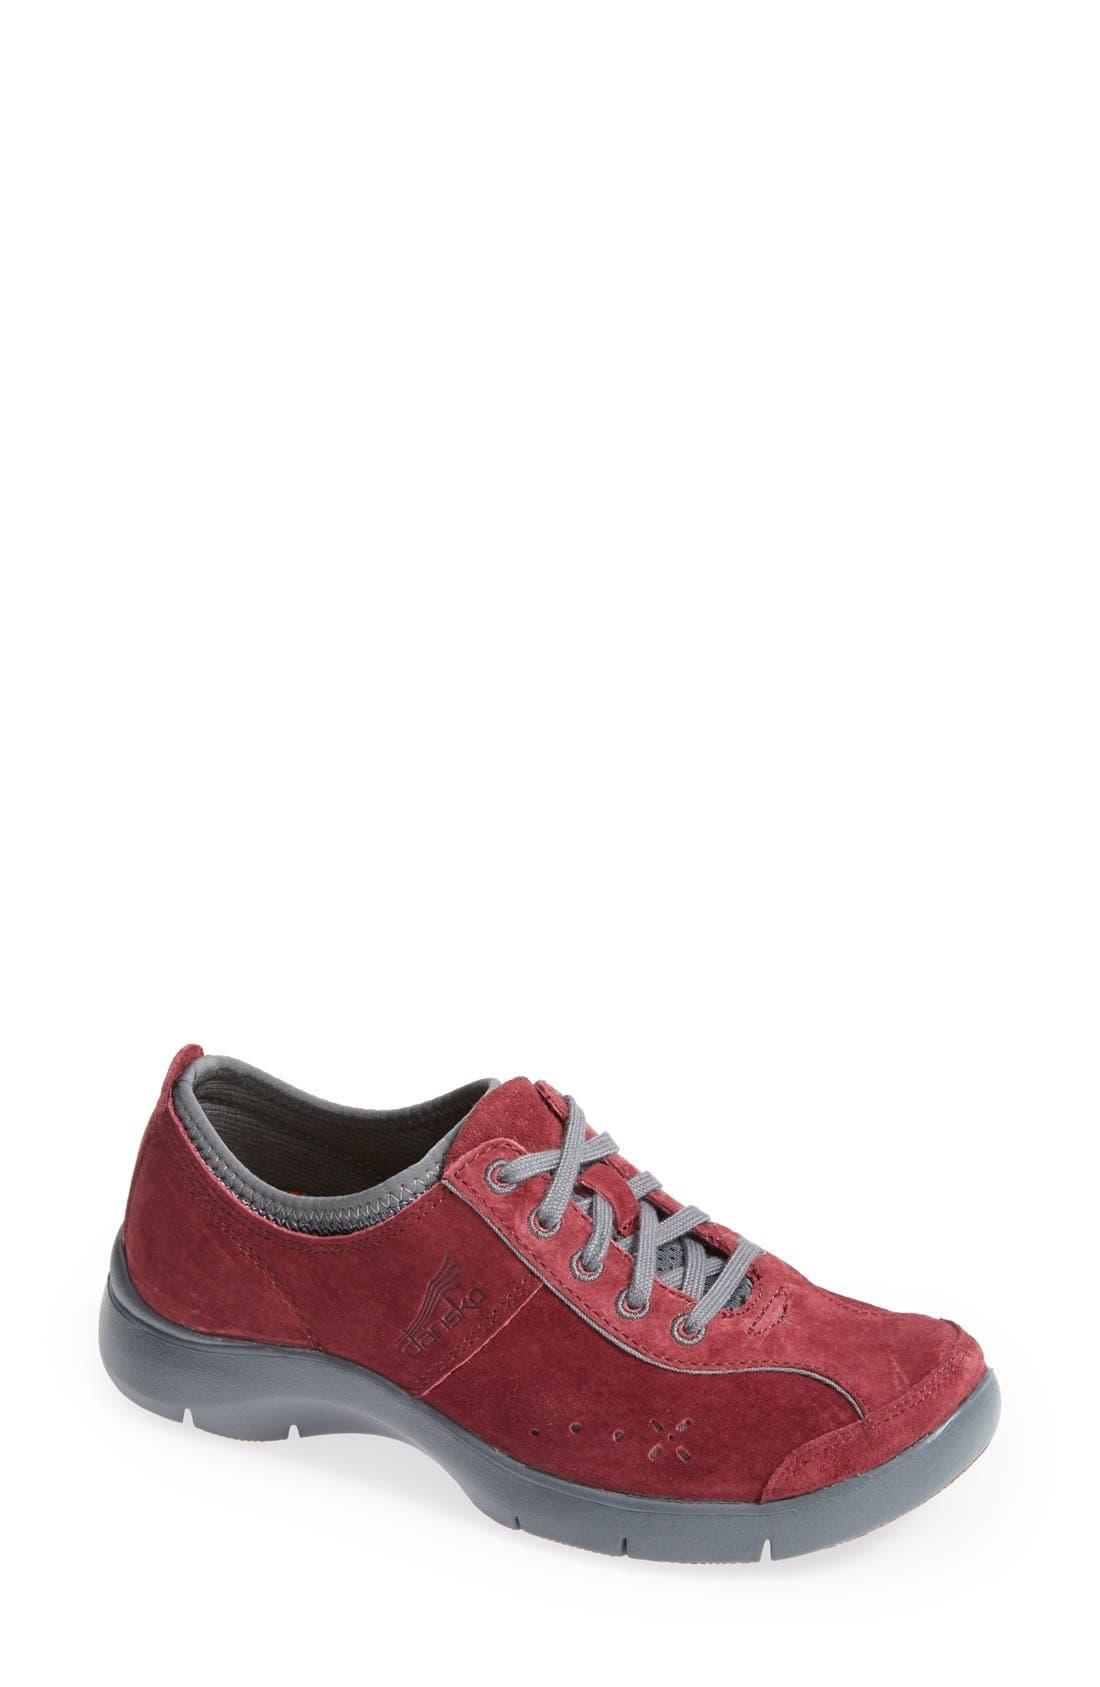 Alternate Image 1 Selected - Dansko 'Elise' Sneaker